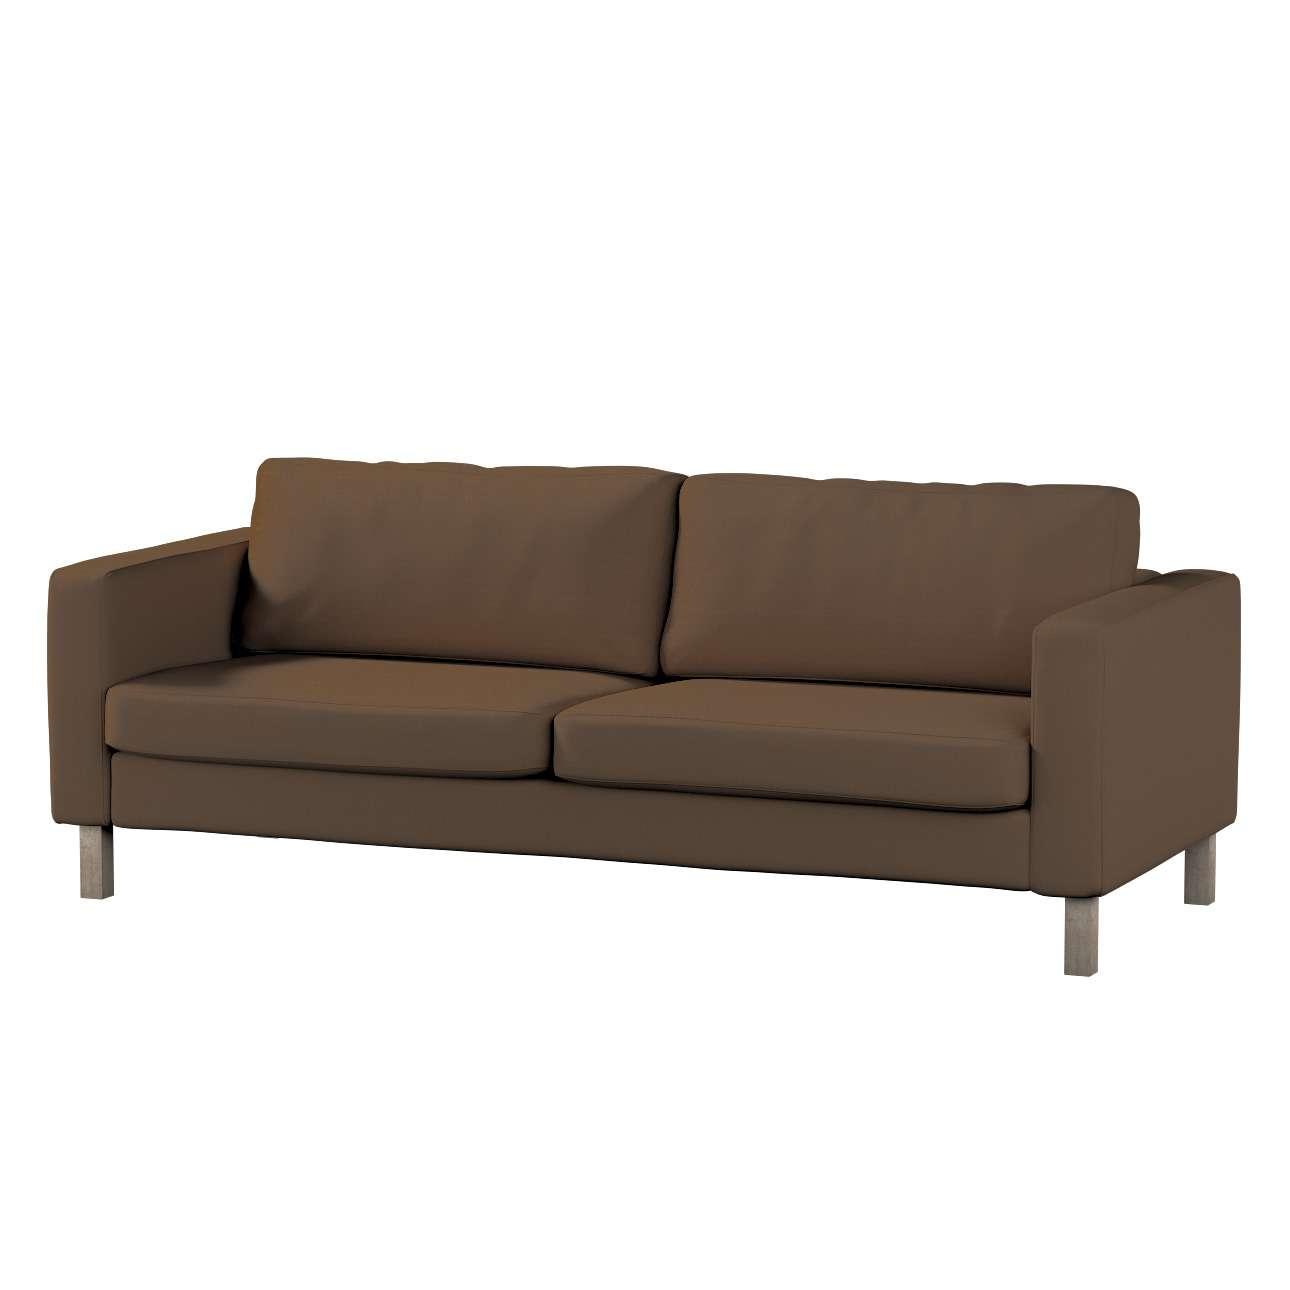 KARSLTAD trvivietės sofos užvalkalas Karlstad 3-vietės sofos užvalkalas (neišlankstomai sofai) kolekcijoje Cotton Panama, audinys: 702-02